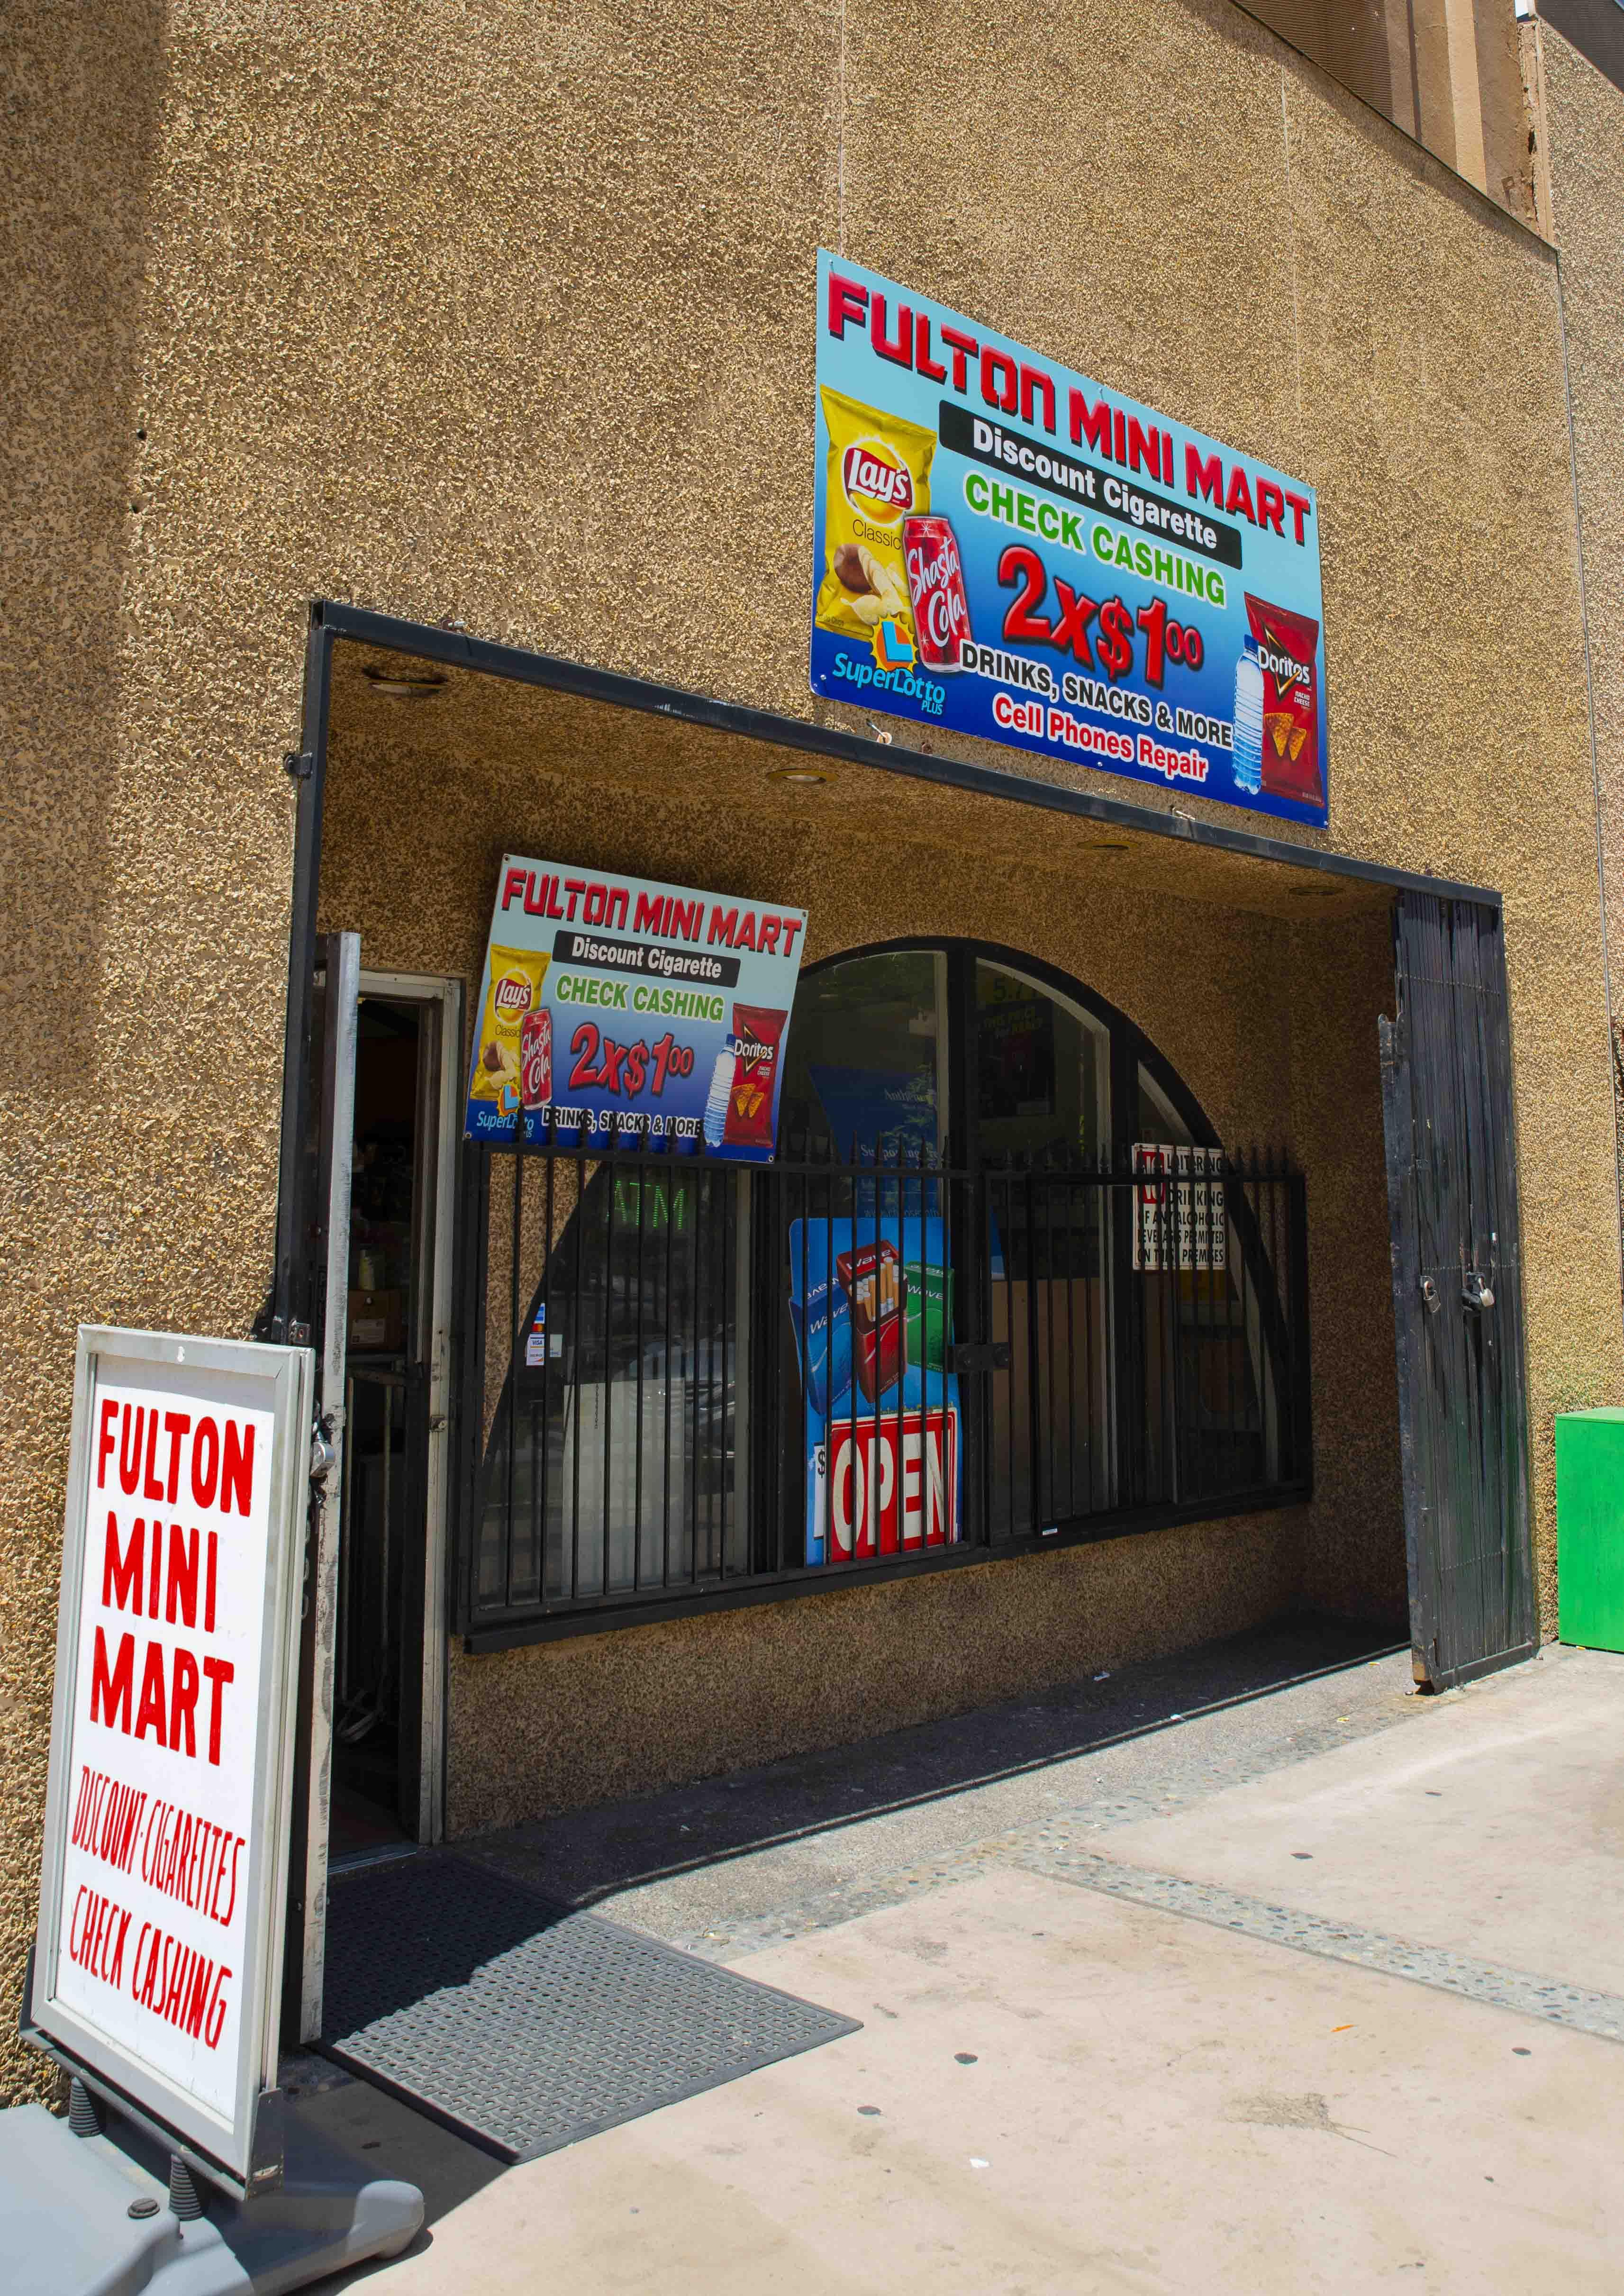 Fulton Mini Mart